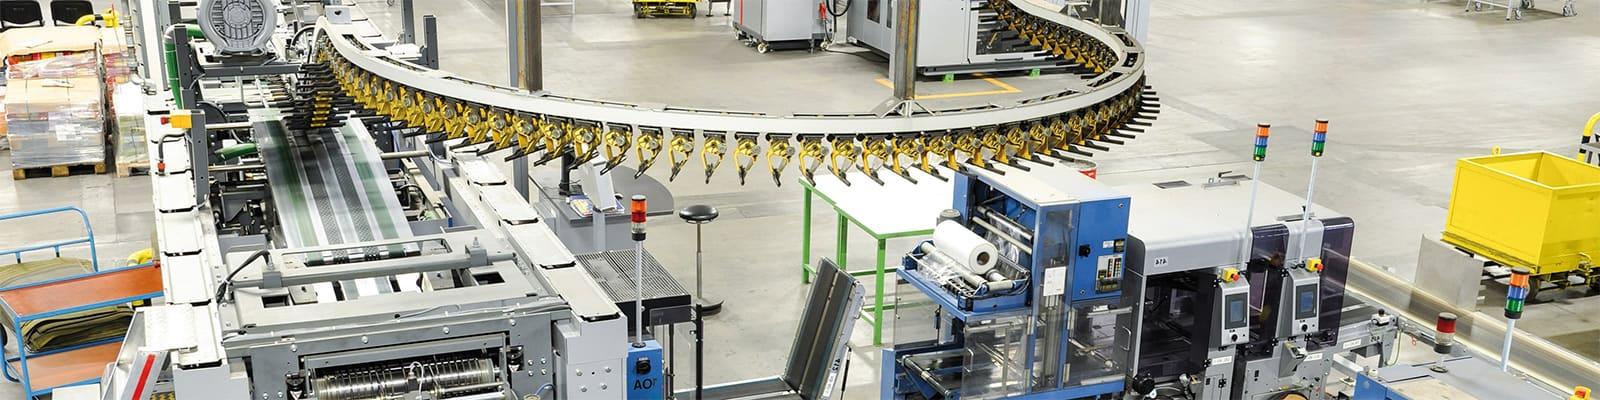 Elektrozylinder Anwendungen bei Logistikanlagen für Zuführungssysteme und Klappenbetätigung